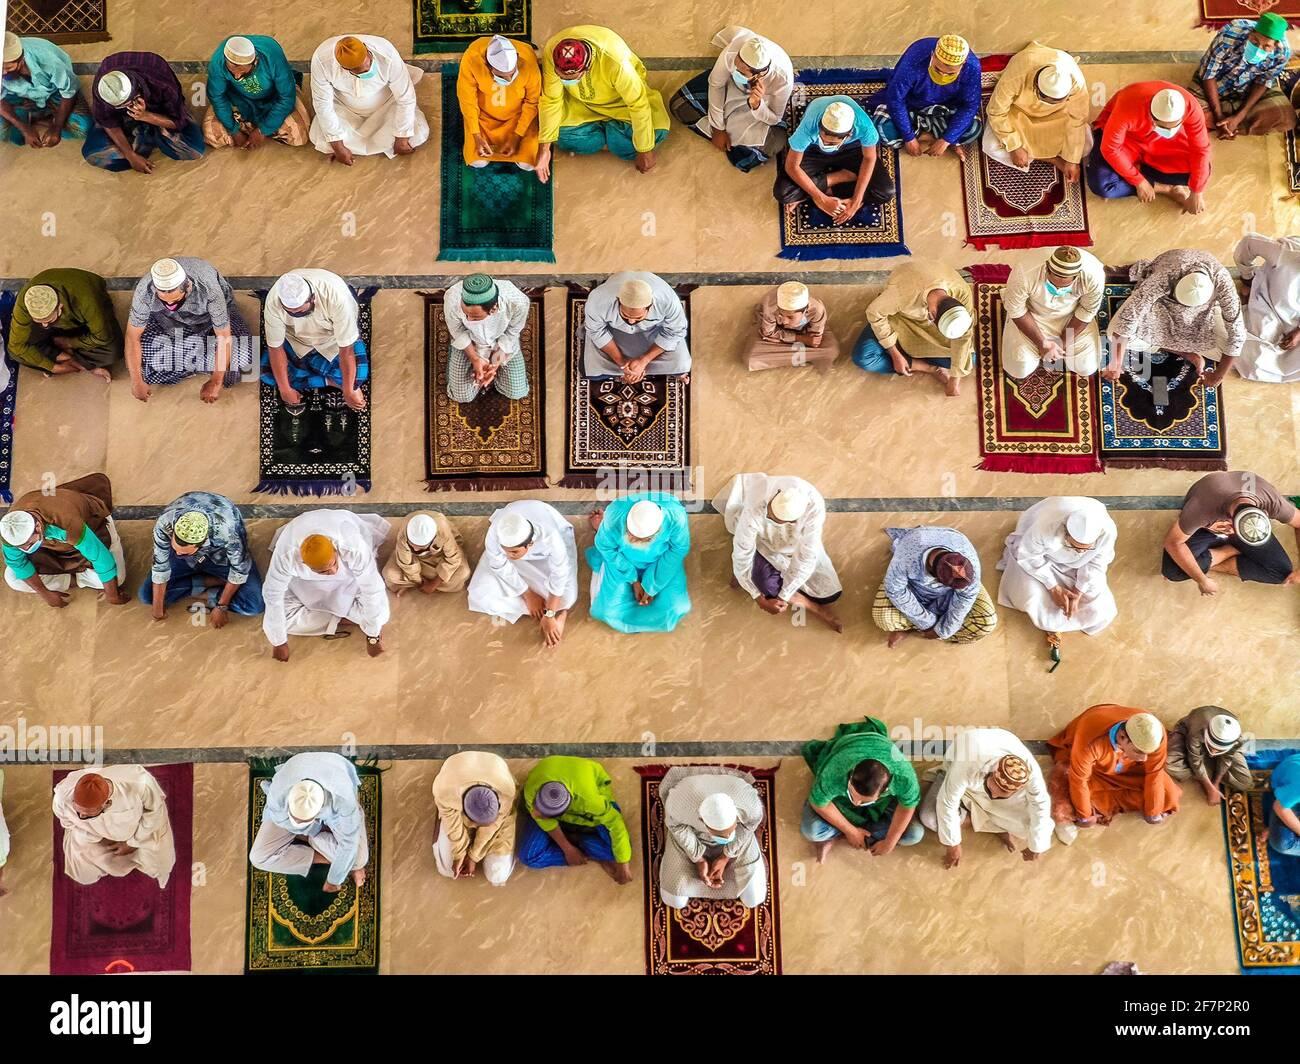 Barishal, Barishal, Bangladesh. 9 avril 2021. Malgré une situation de confinement au Bangladesh en raison de l'augmentation du nombre de patients Covid-19 chaque jour et de la hausse des décès au sommet, les gens ne maintiennent pas une distance sociale minimale pour prier leur prière musulmane Jummah dans une mosquée de la ville de Barishal. Crédit: Mustasinur Rahman Alvi/ZUMA Wire/Alamy Live News Banque D'Images